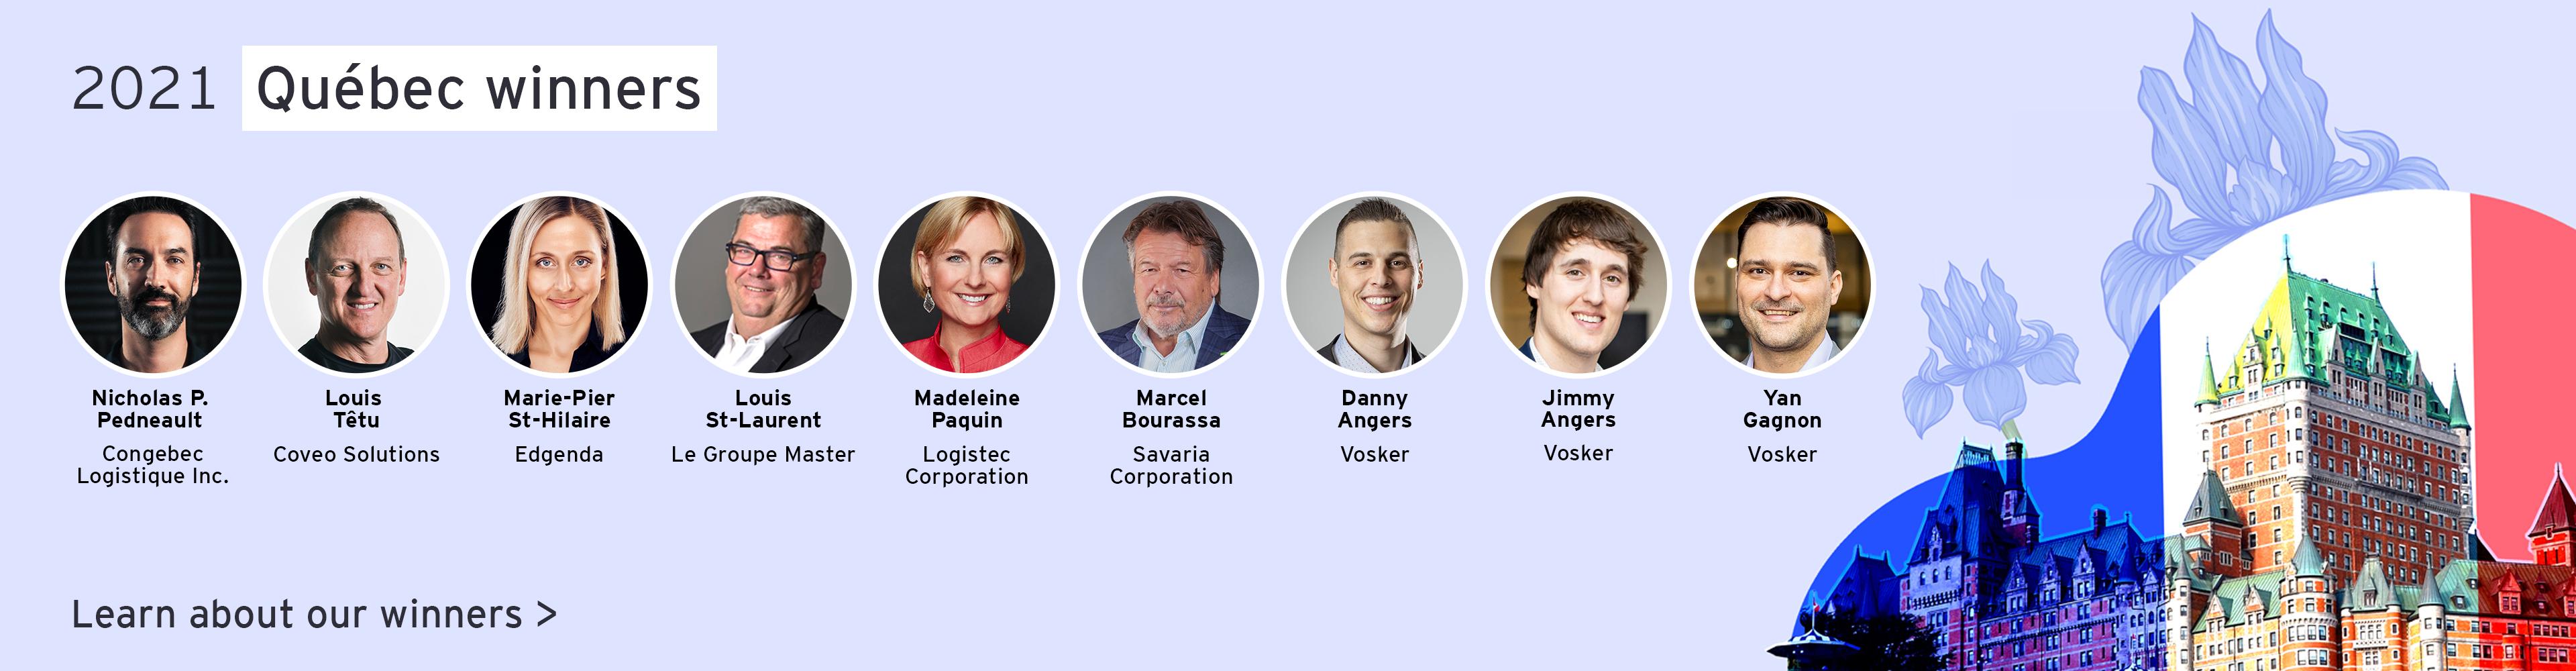 Meet our 2021 Quebec winners